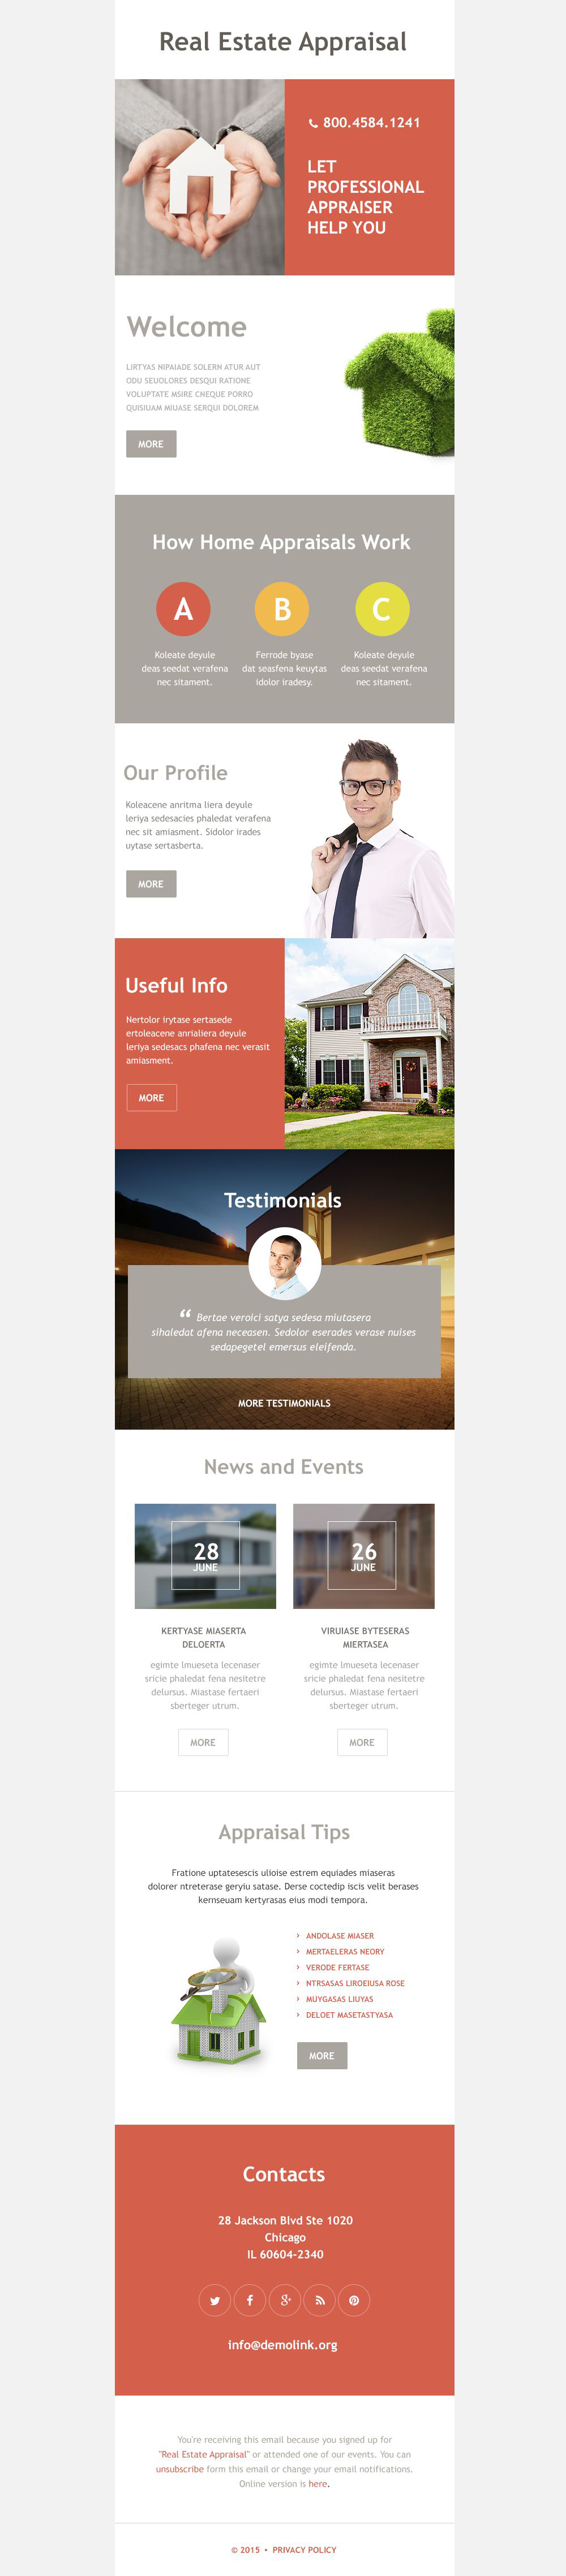 Modèle Bulletin adaptatif pour site d'agence immobilière #55008